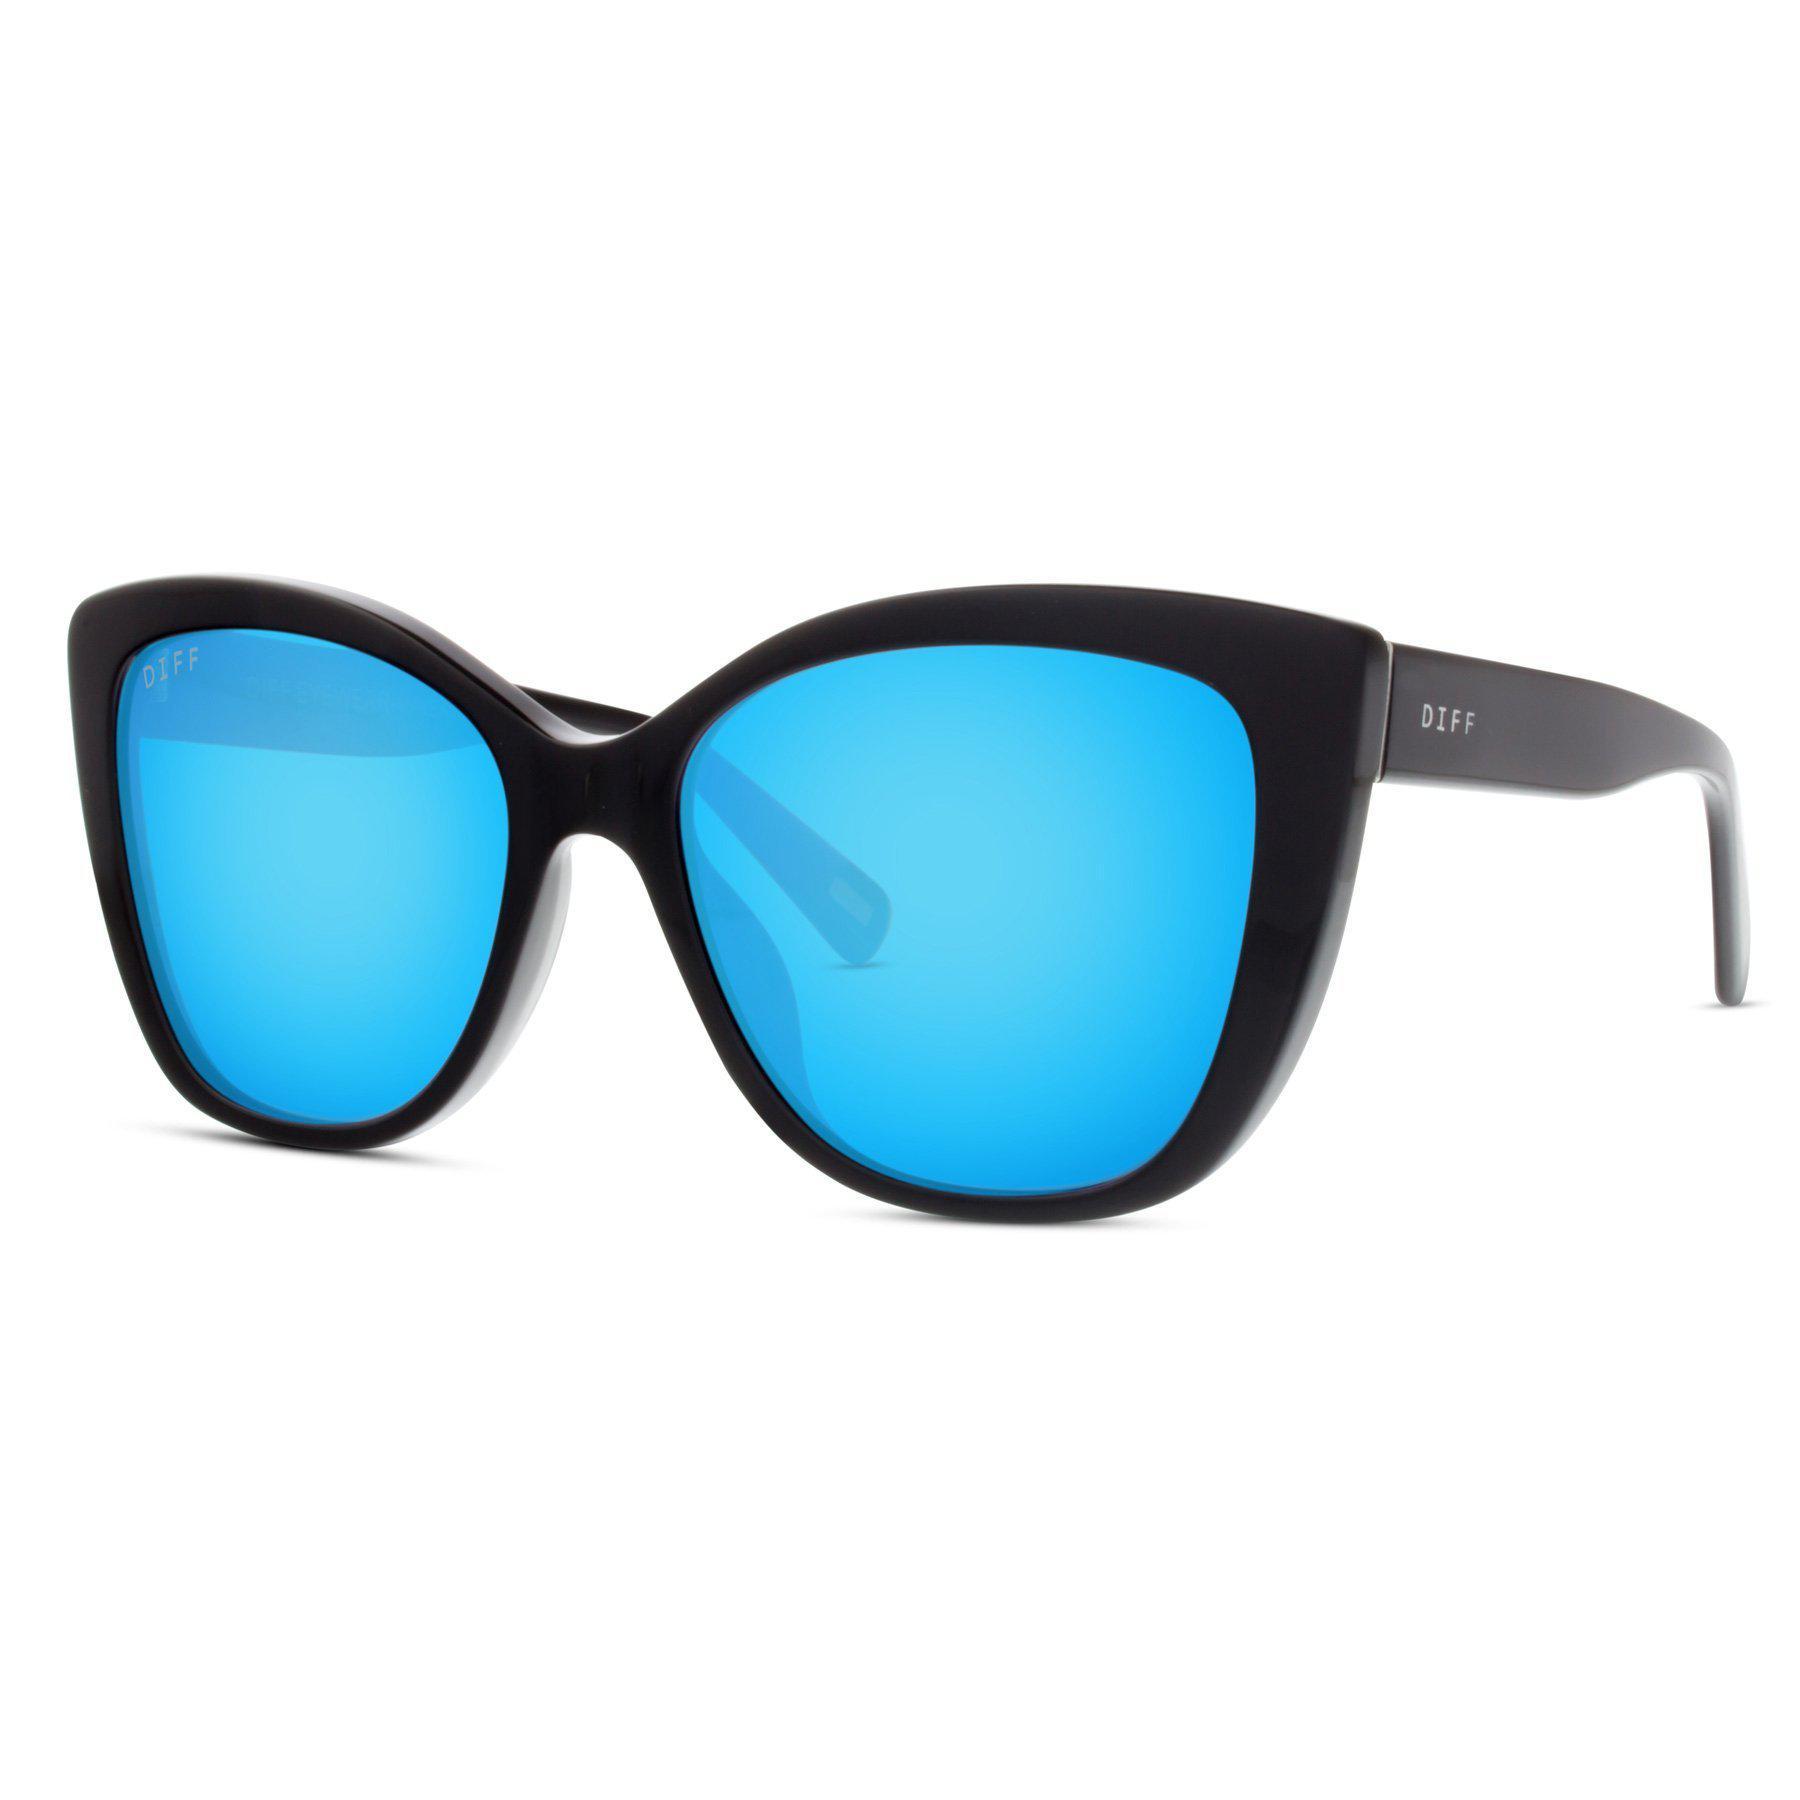 95fba72028 Lyst - DIFF Ruby - Black + Blue Mirror + Polarized in Blue